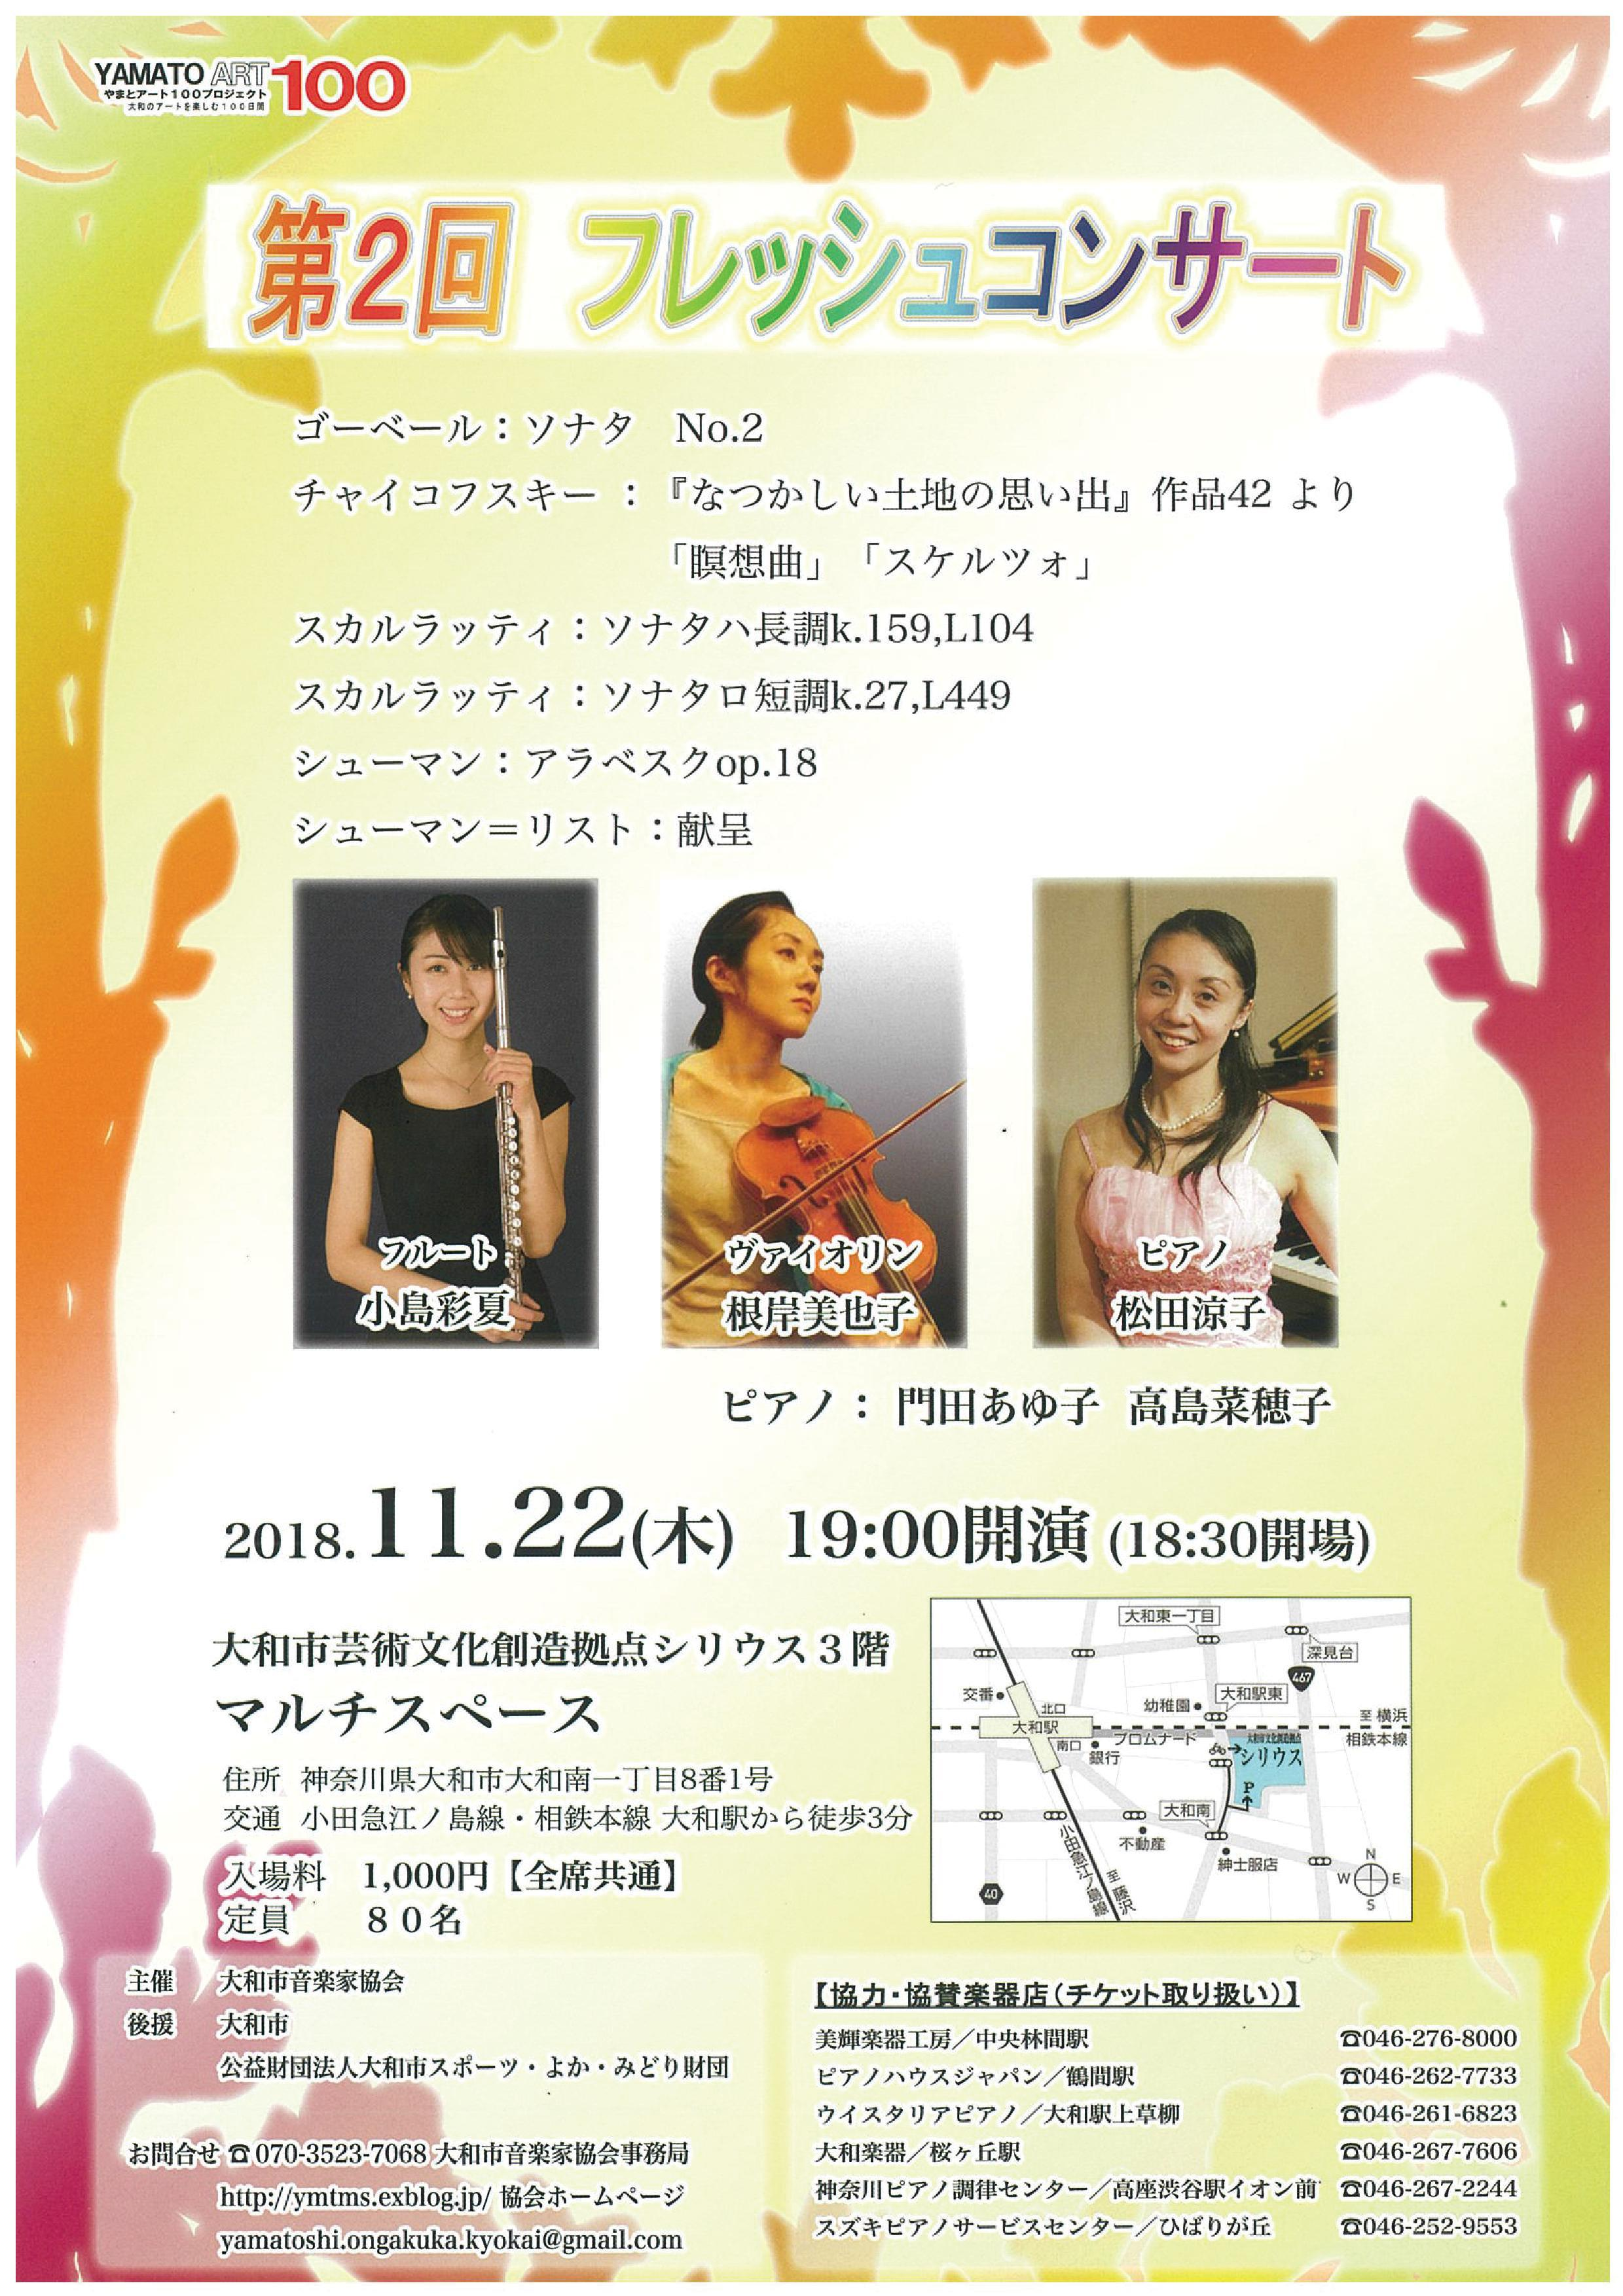 第2回フレッシュコンサート(ピアノ・ヴァイオリン・フルート)